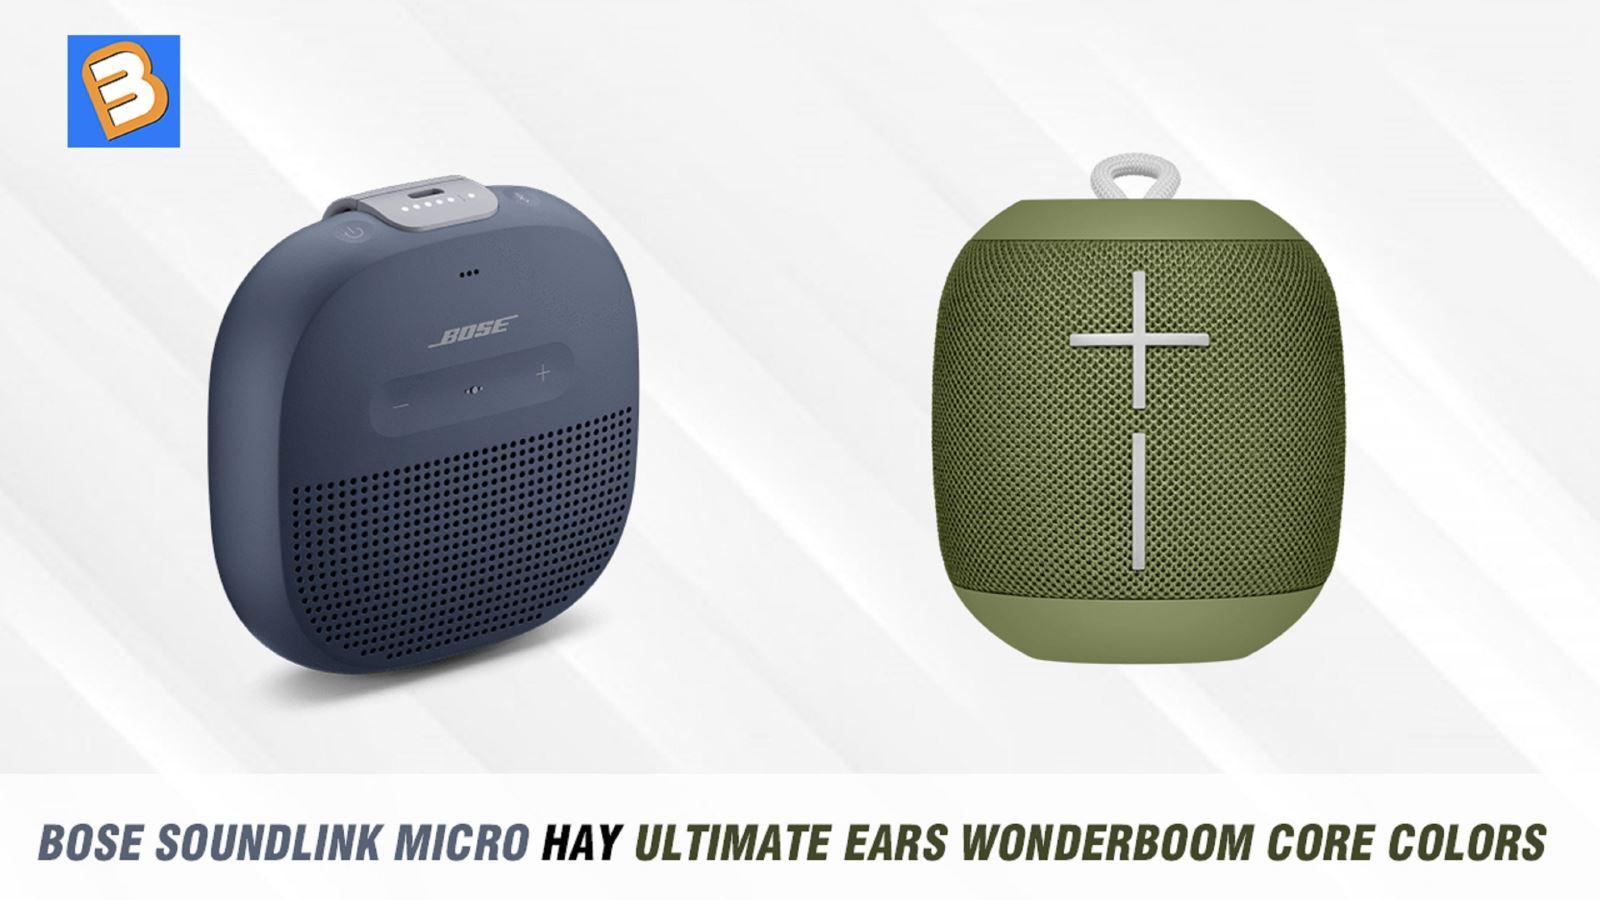 Bose Soundlink Micro hayUltimate Ears Wonderboom Core colors